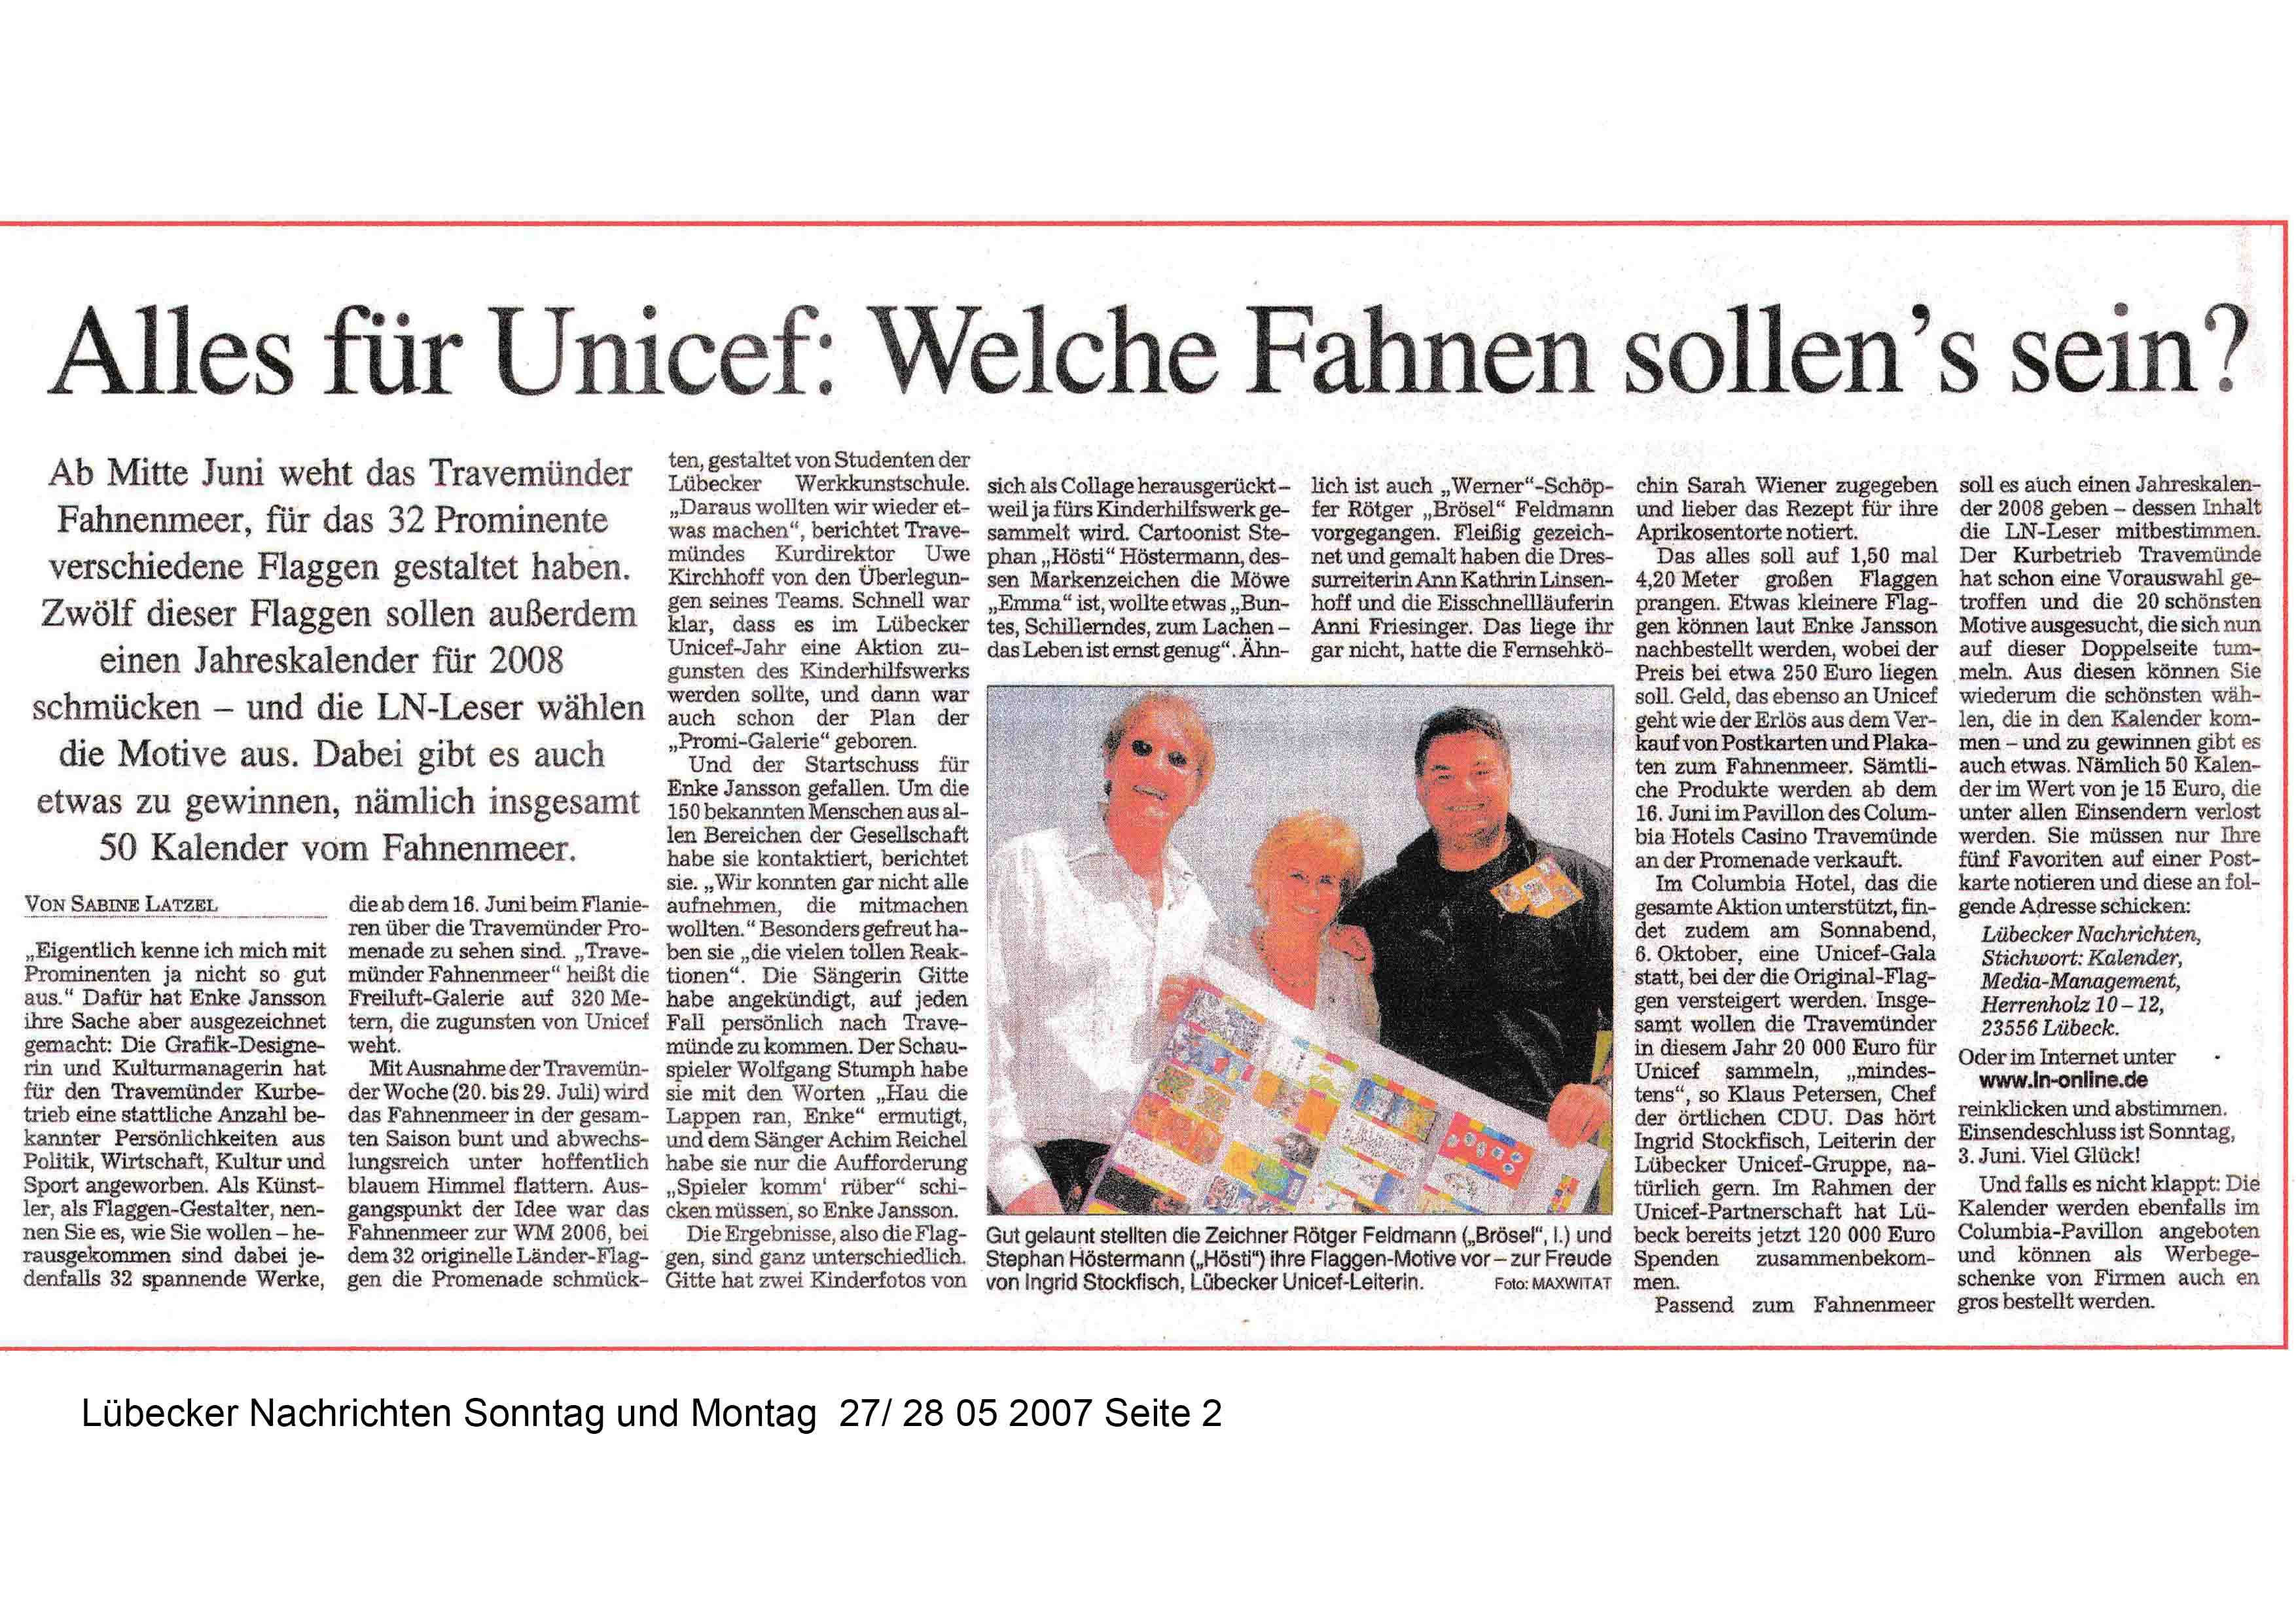 Lübecker Nachrichten Sonntag Montag 27 28 05 2007 Seite 2